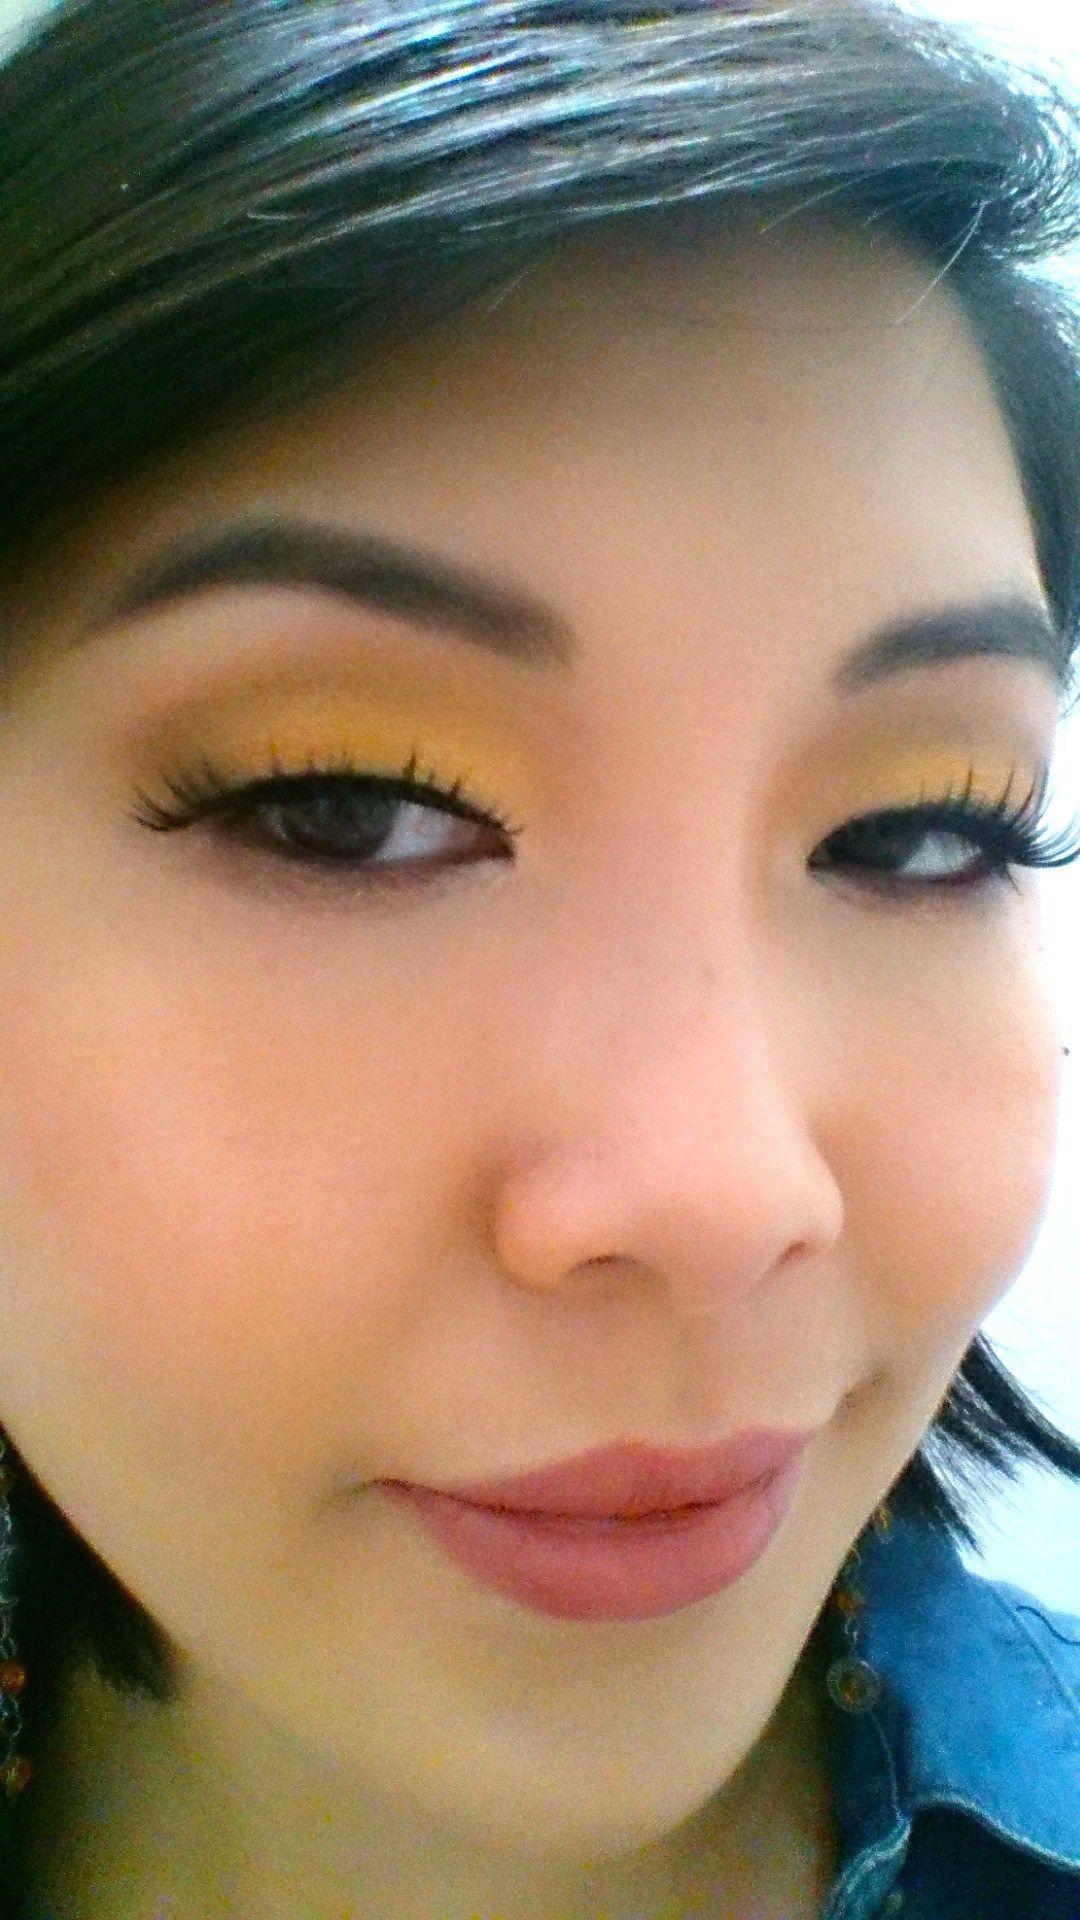 Pin by Karah Peters on MU LOOKS I ️ | Makeup looks, Beauty